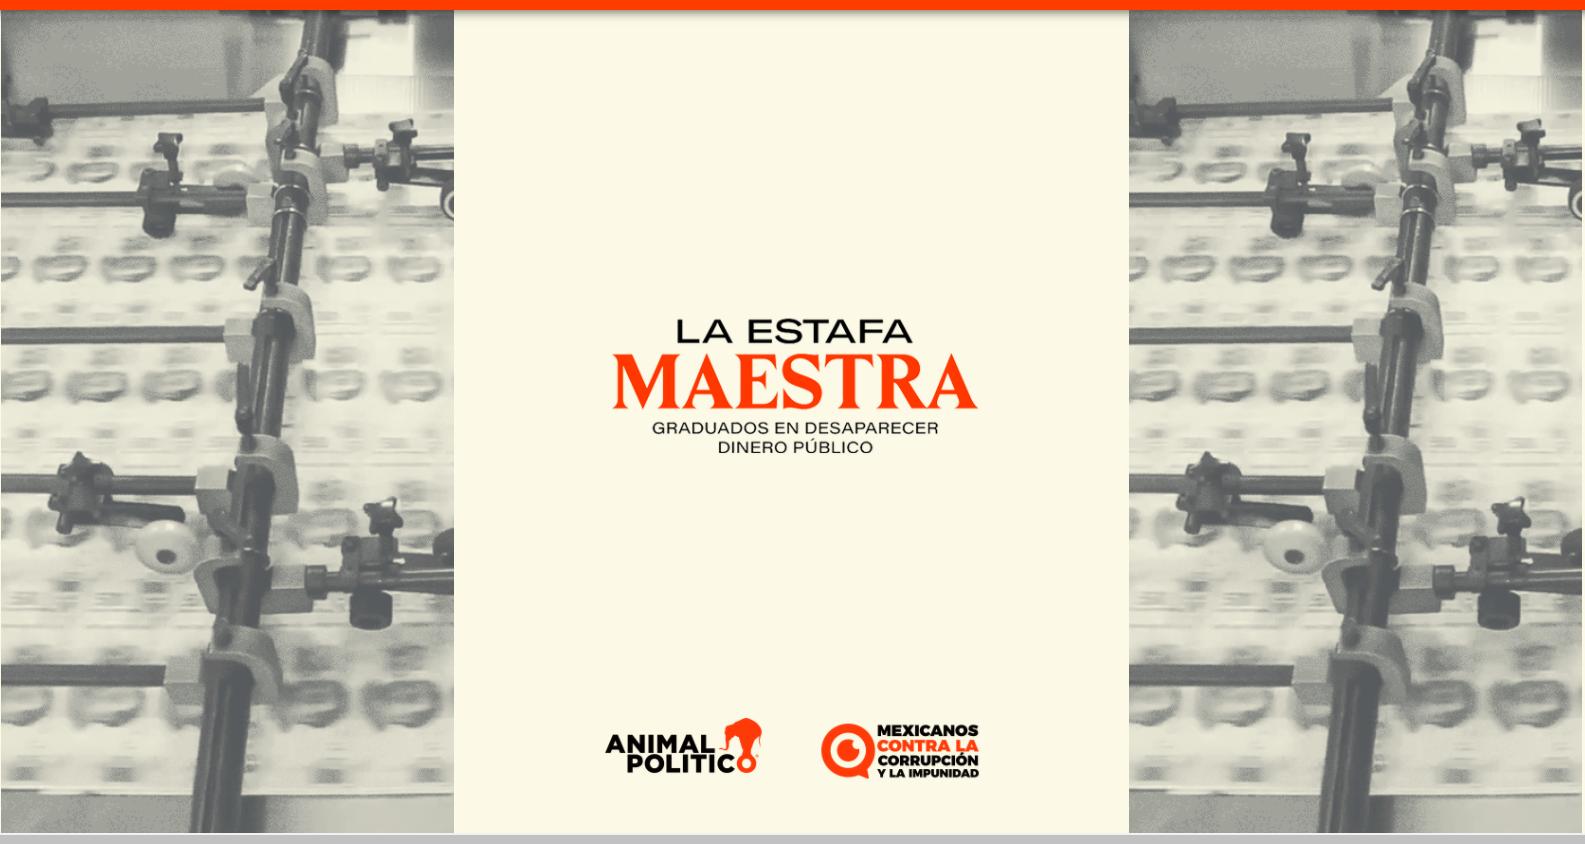 El Premio Ortega y Gasset de Periodismo 2018, categoría Investigación, para el portal de noticias Animal Político| Imagen: captura web